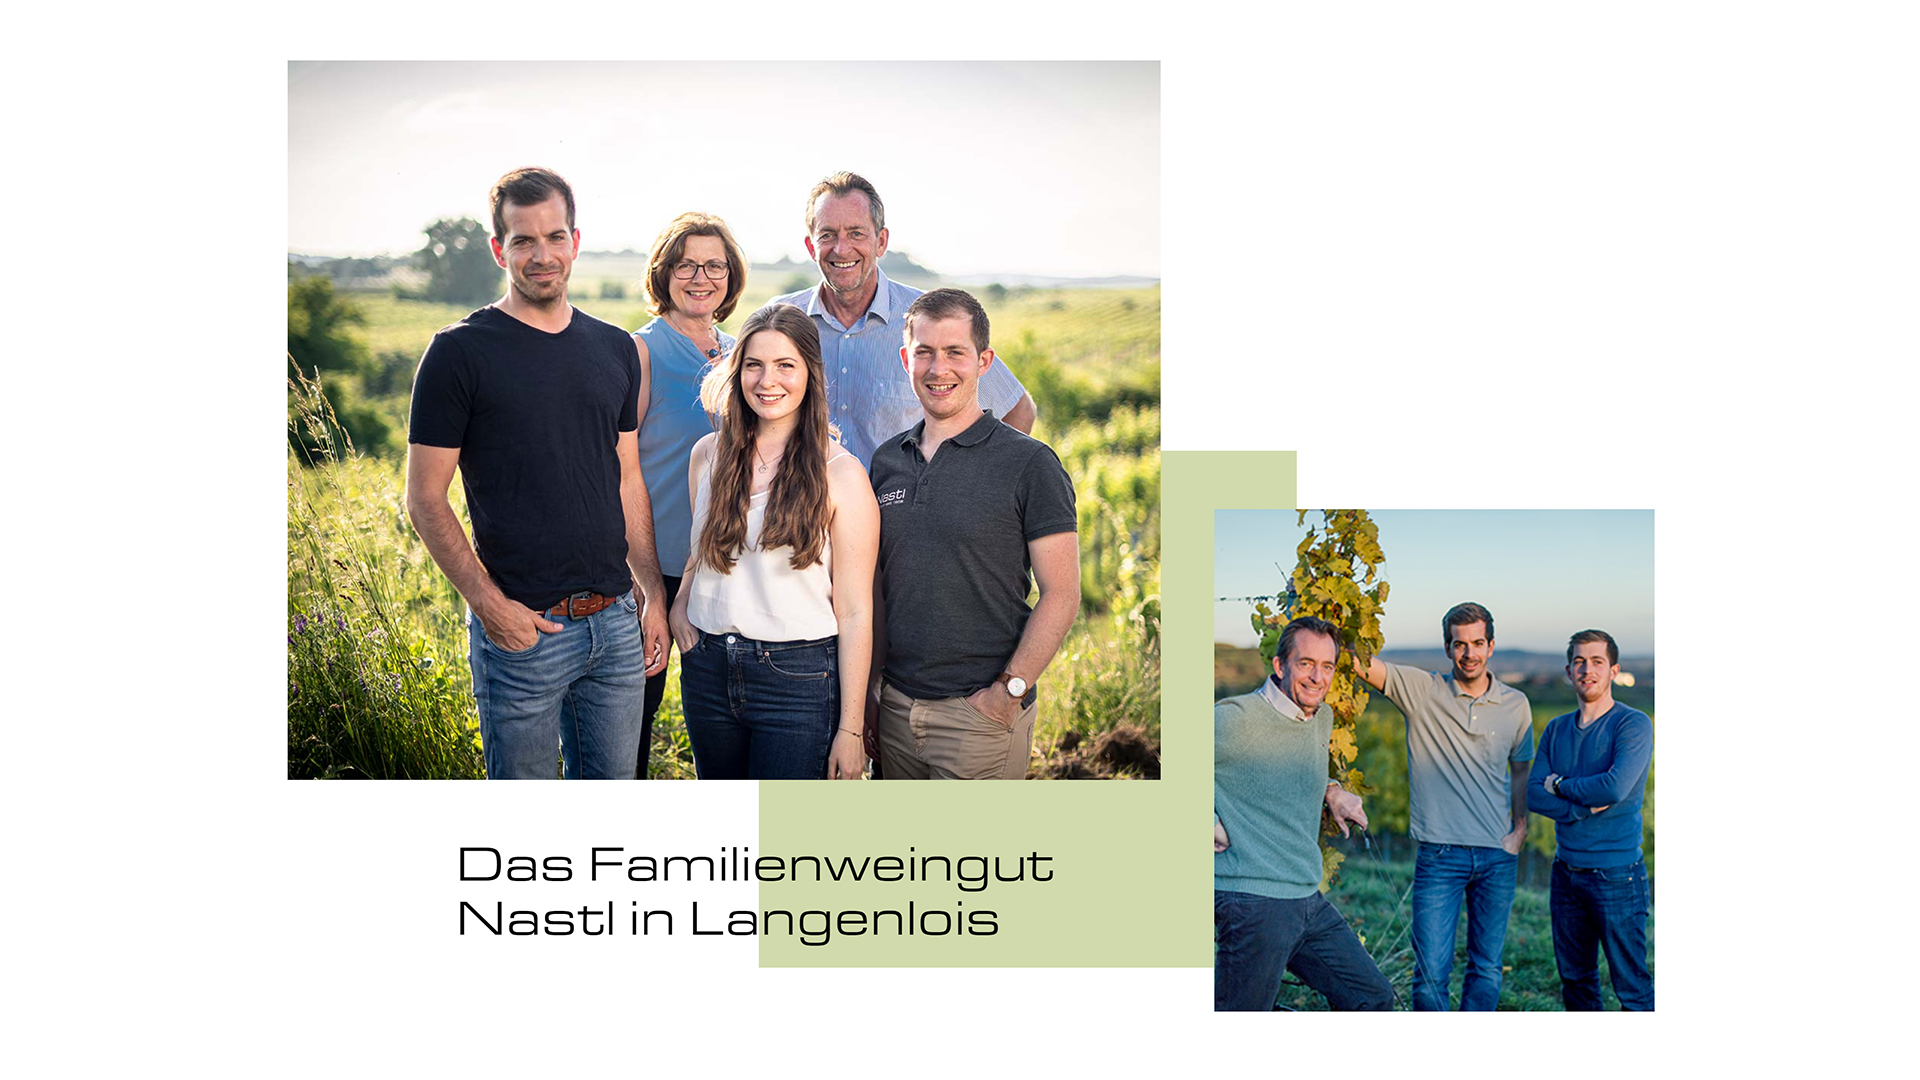 weingut_nastl_weinwerbeagentur_niederösterreich_webshop_website_social_media